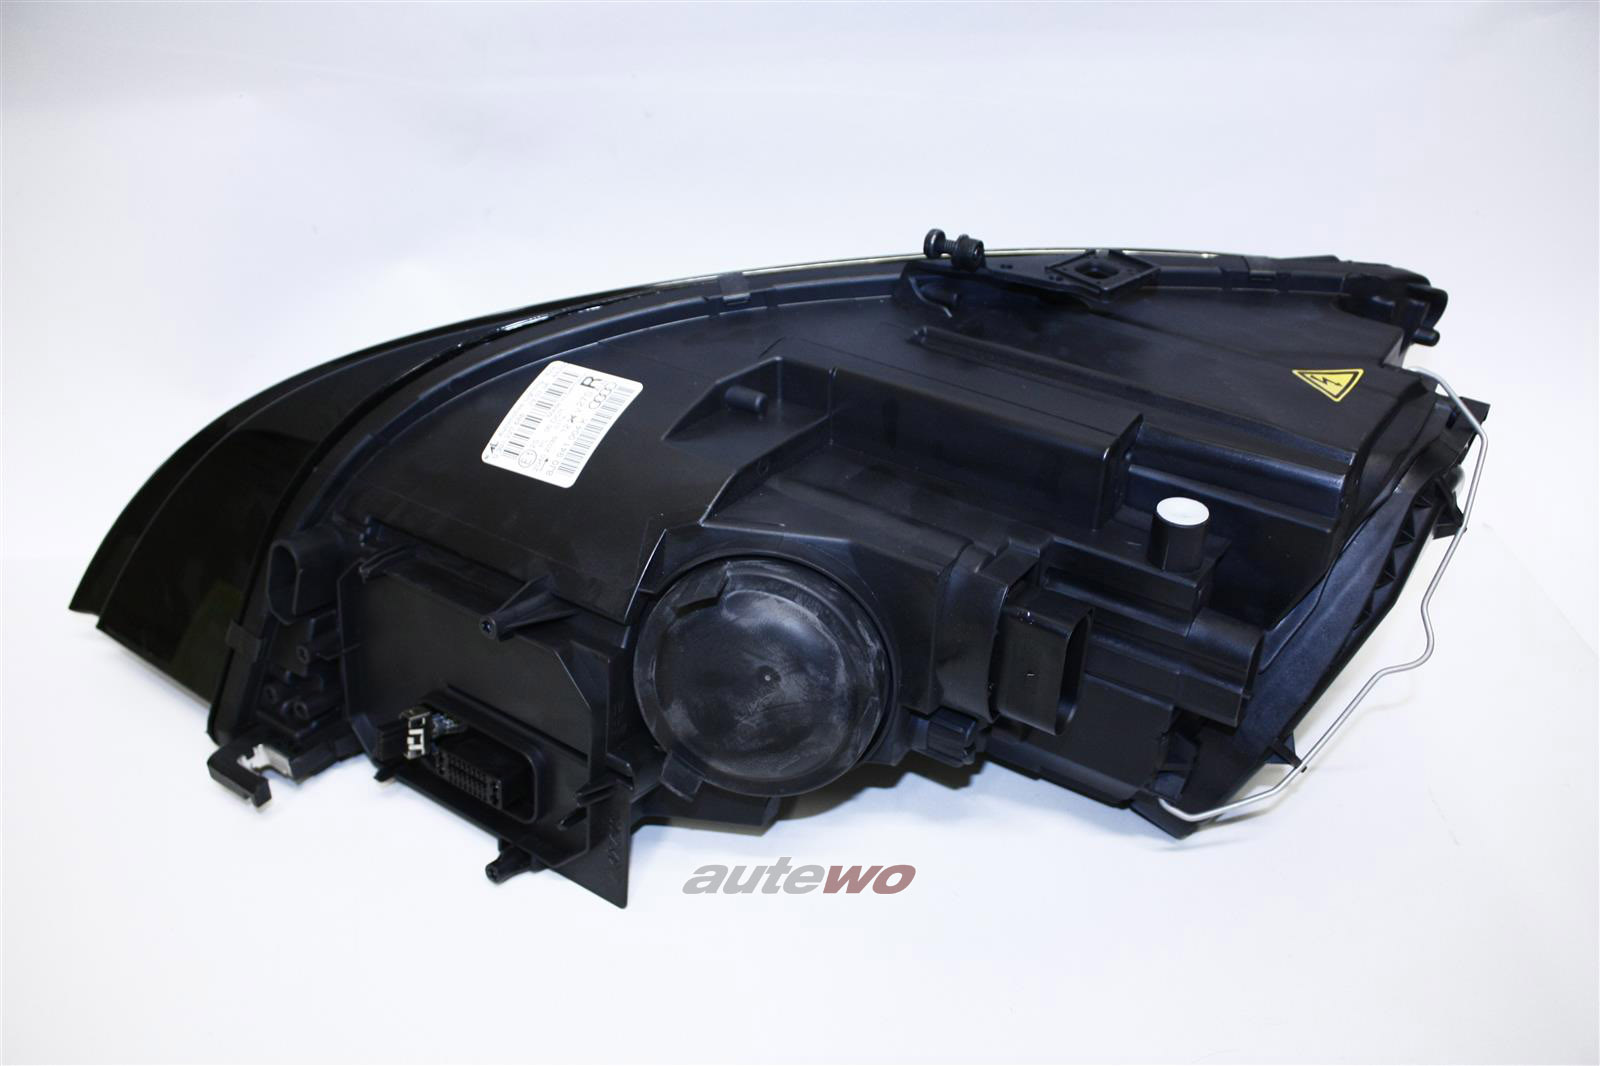 NEU&ORIGINAL Audi TT/TTS 8J Scheinwerfer Bi-Xenon RHD Rechts/Right 8J0941030K 8J0941004K